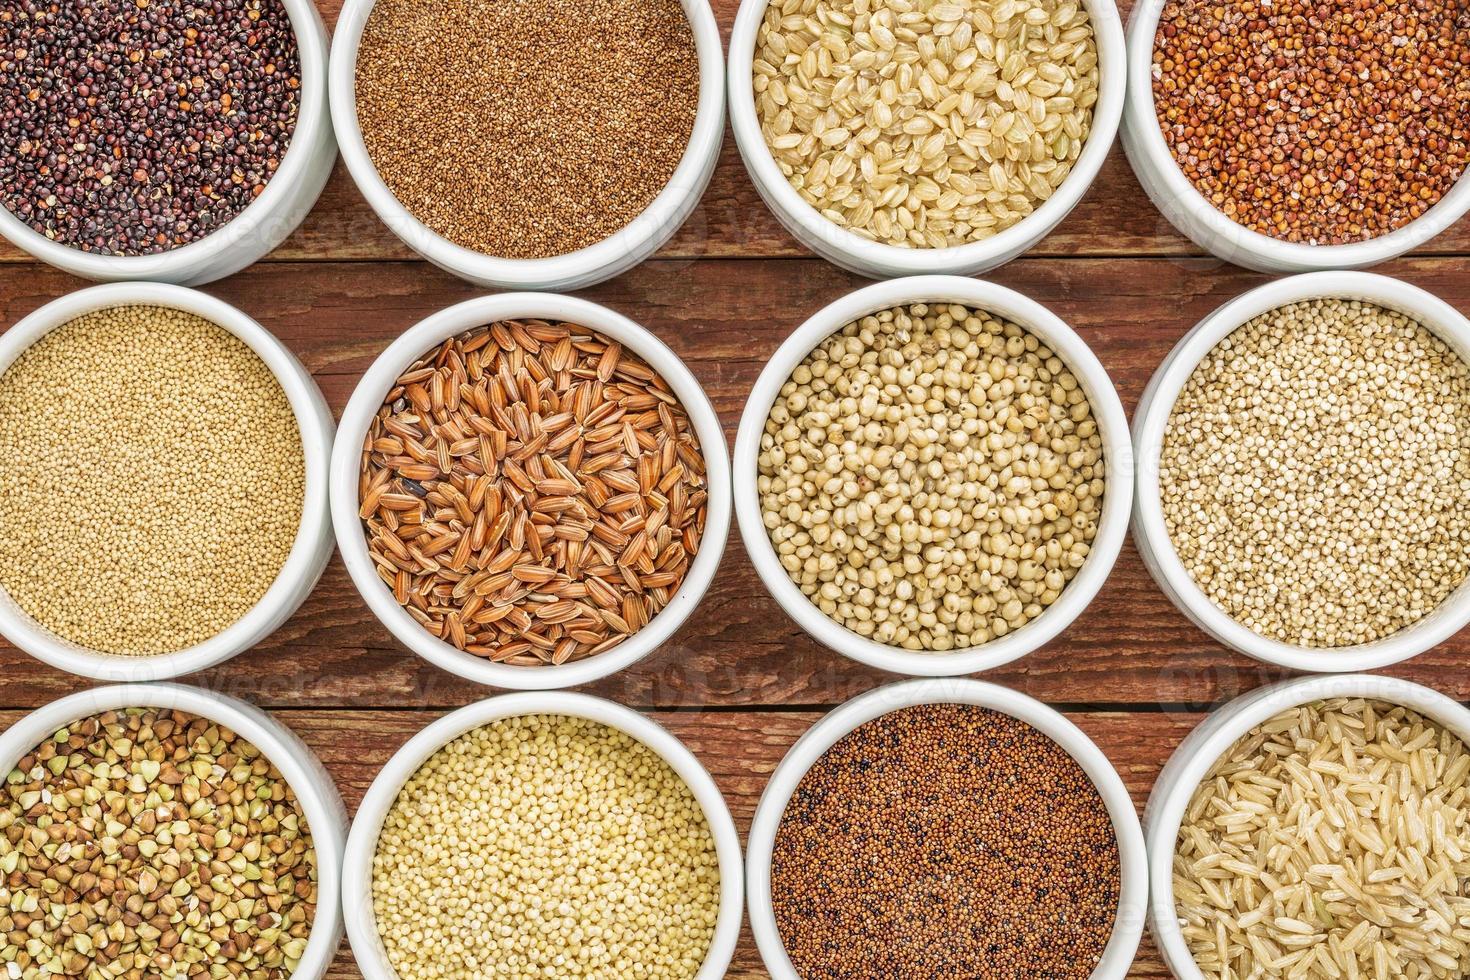 gesunde, glutenfreie Körner abstrakt foto